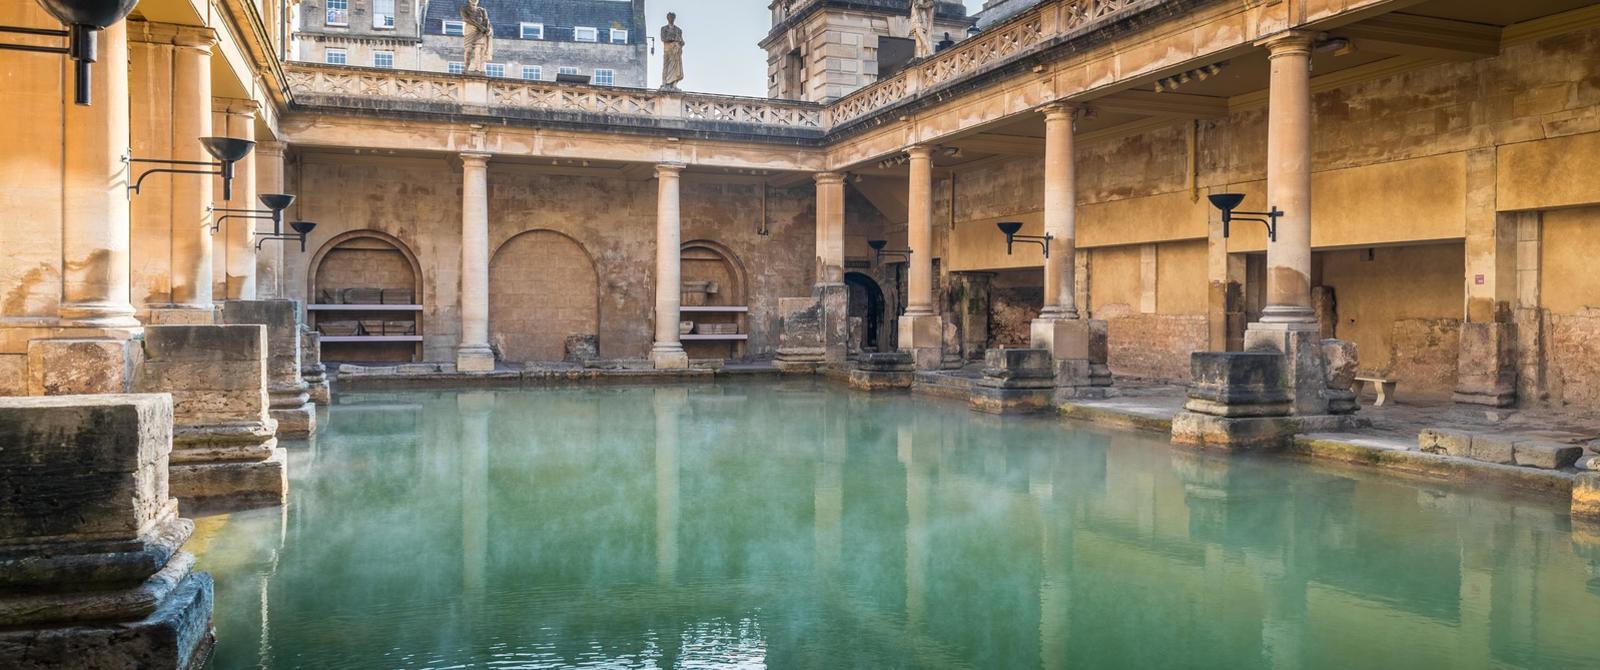 巴斯罗马浴场博物馆圣泉